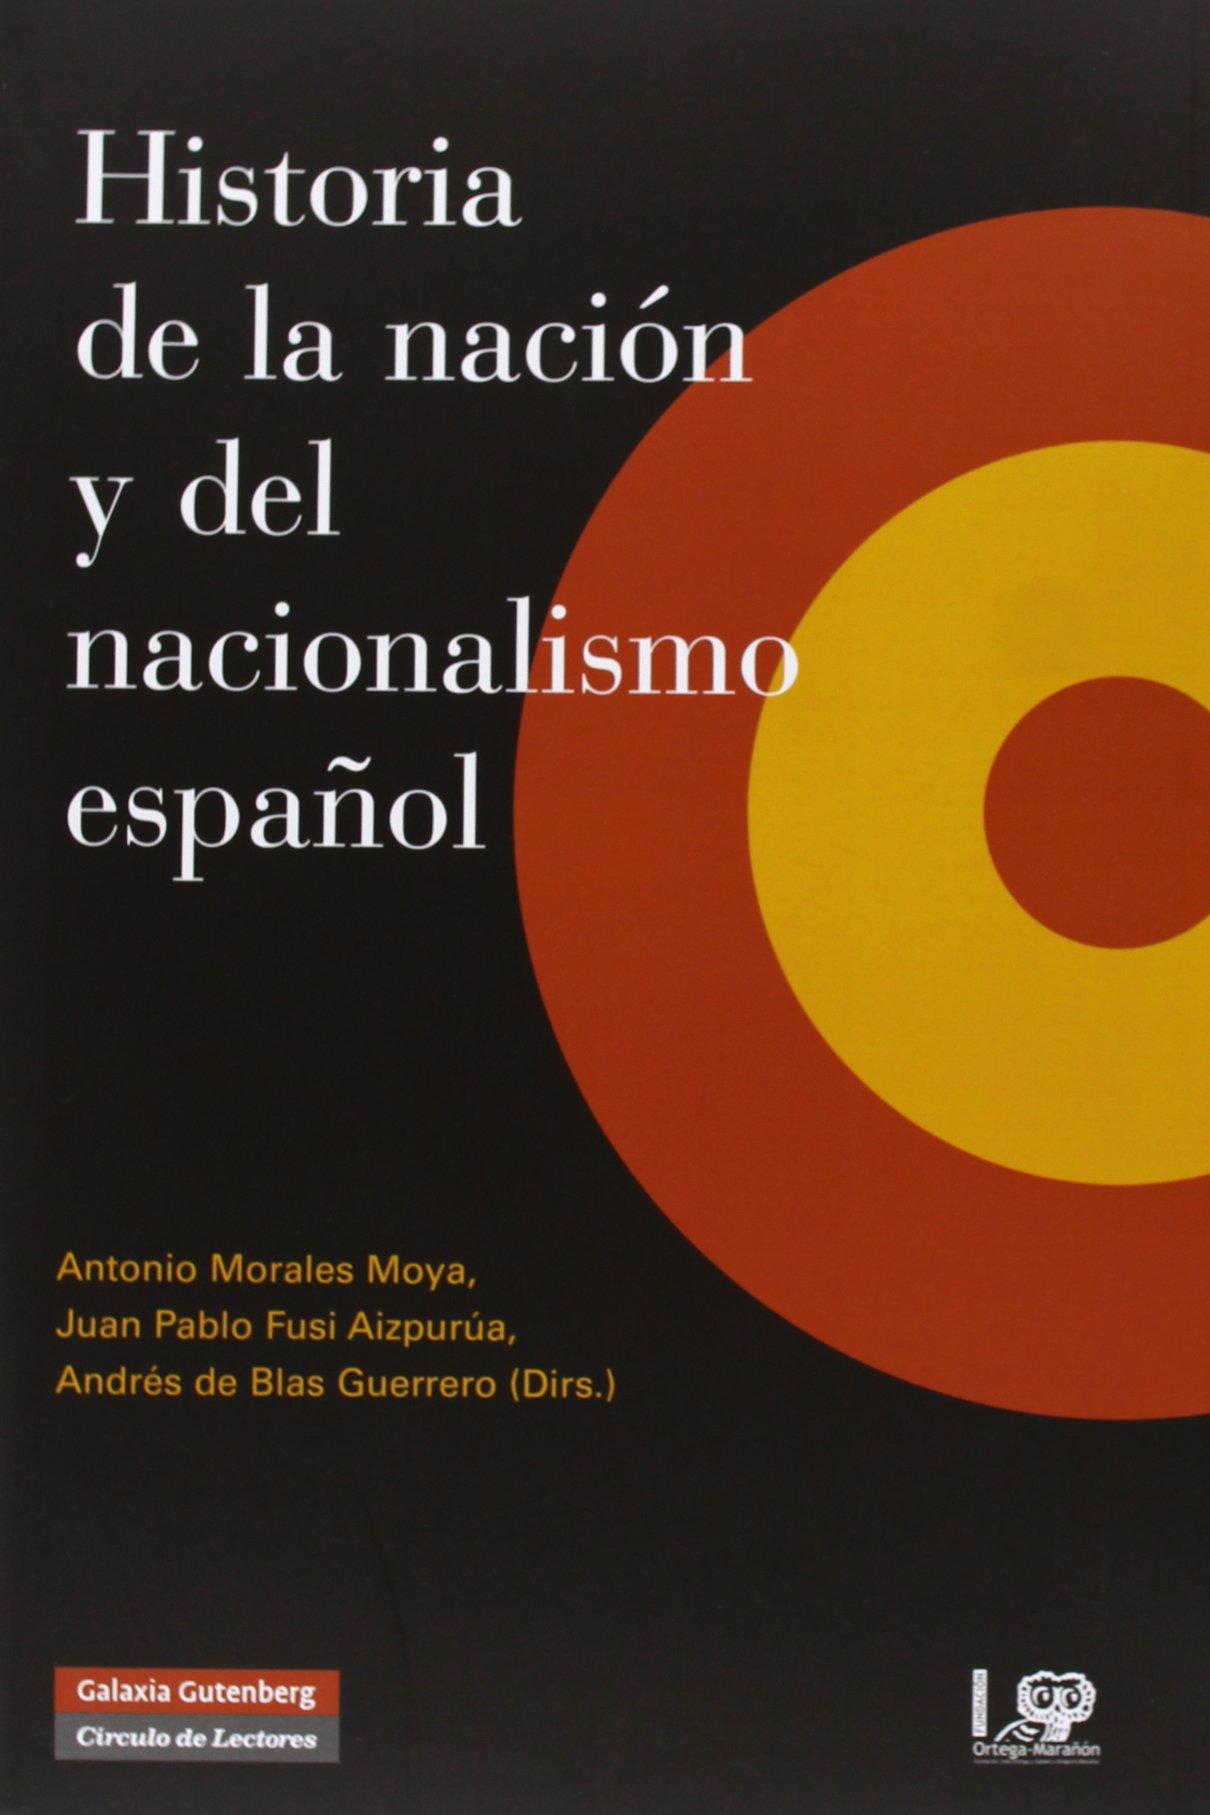 Historia de la nación y del nacionalismo (Ensayo): Amazon.es: Vv.Aa.: Libros